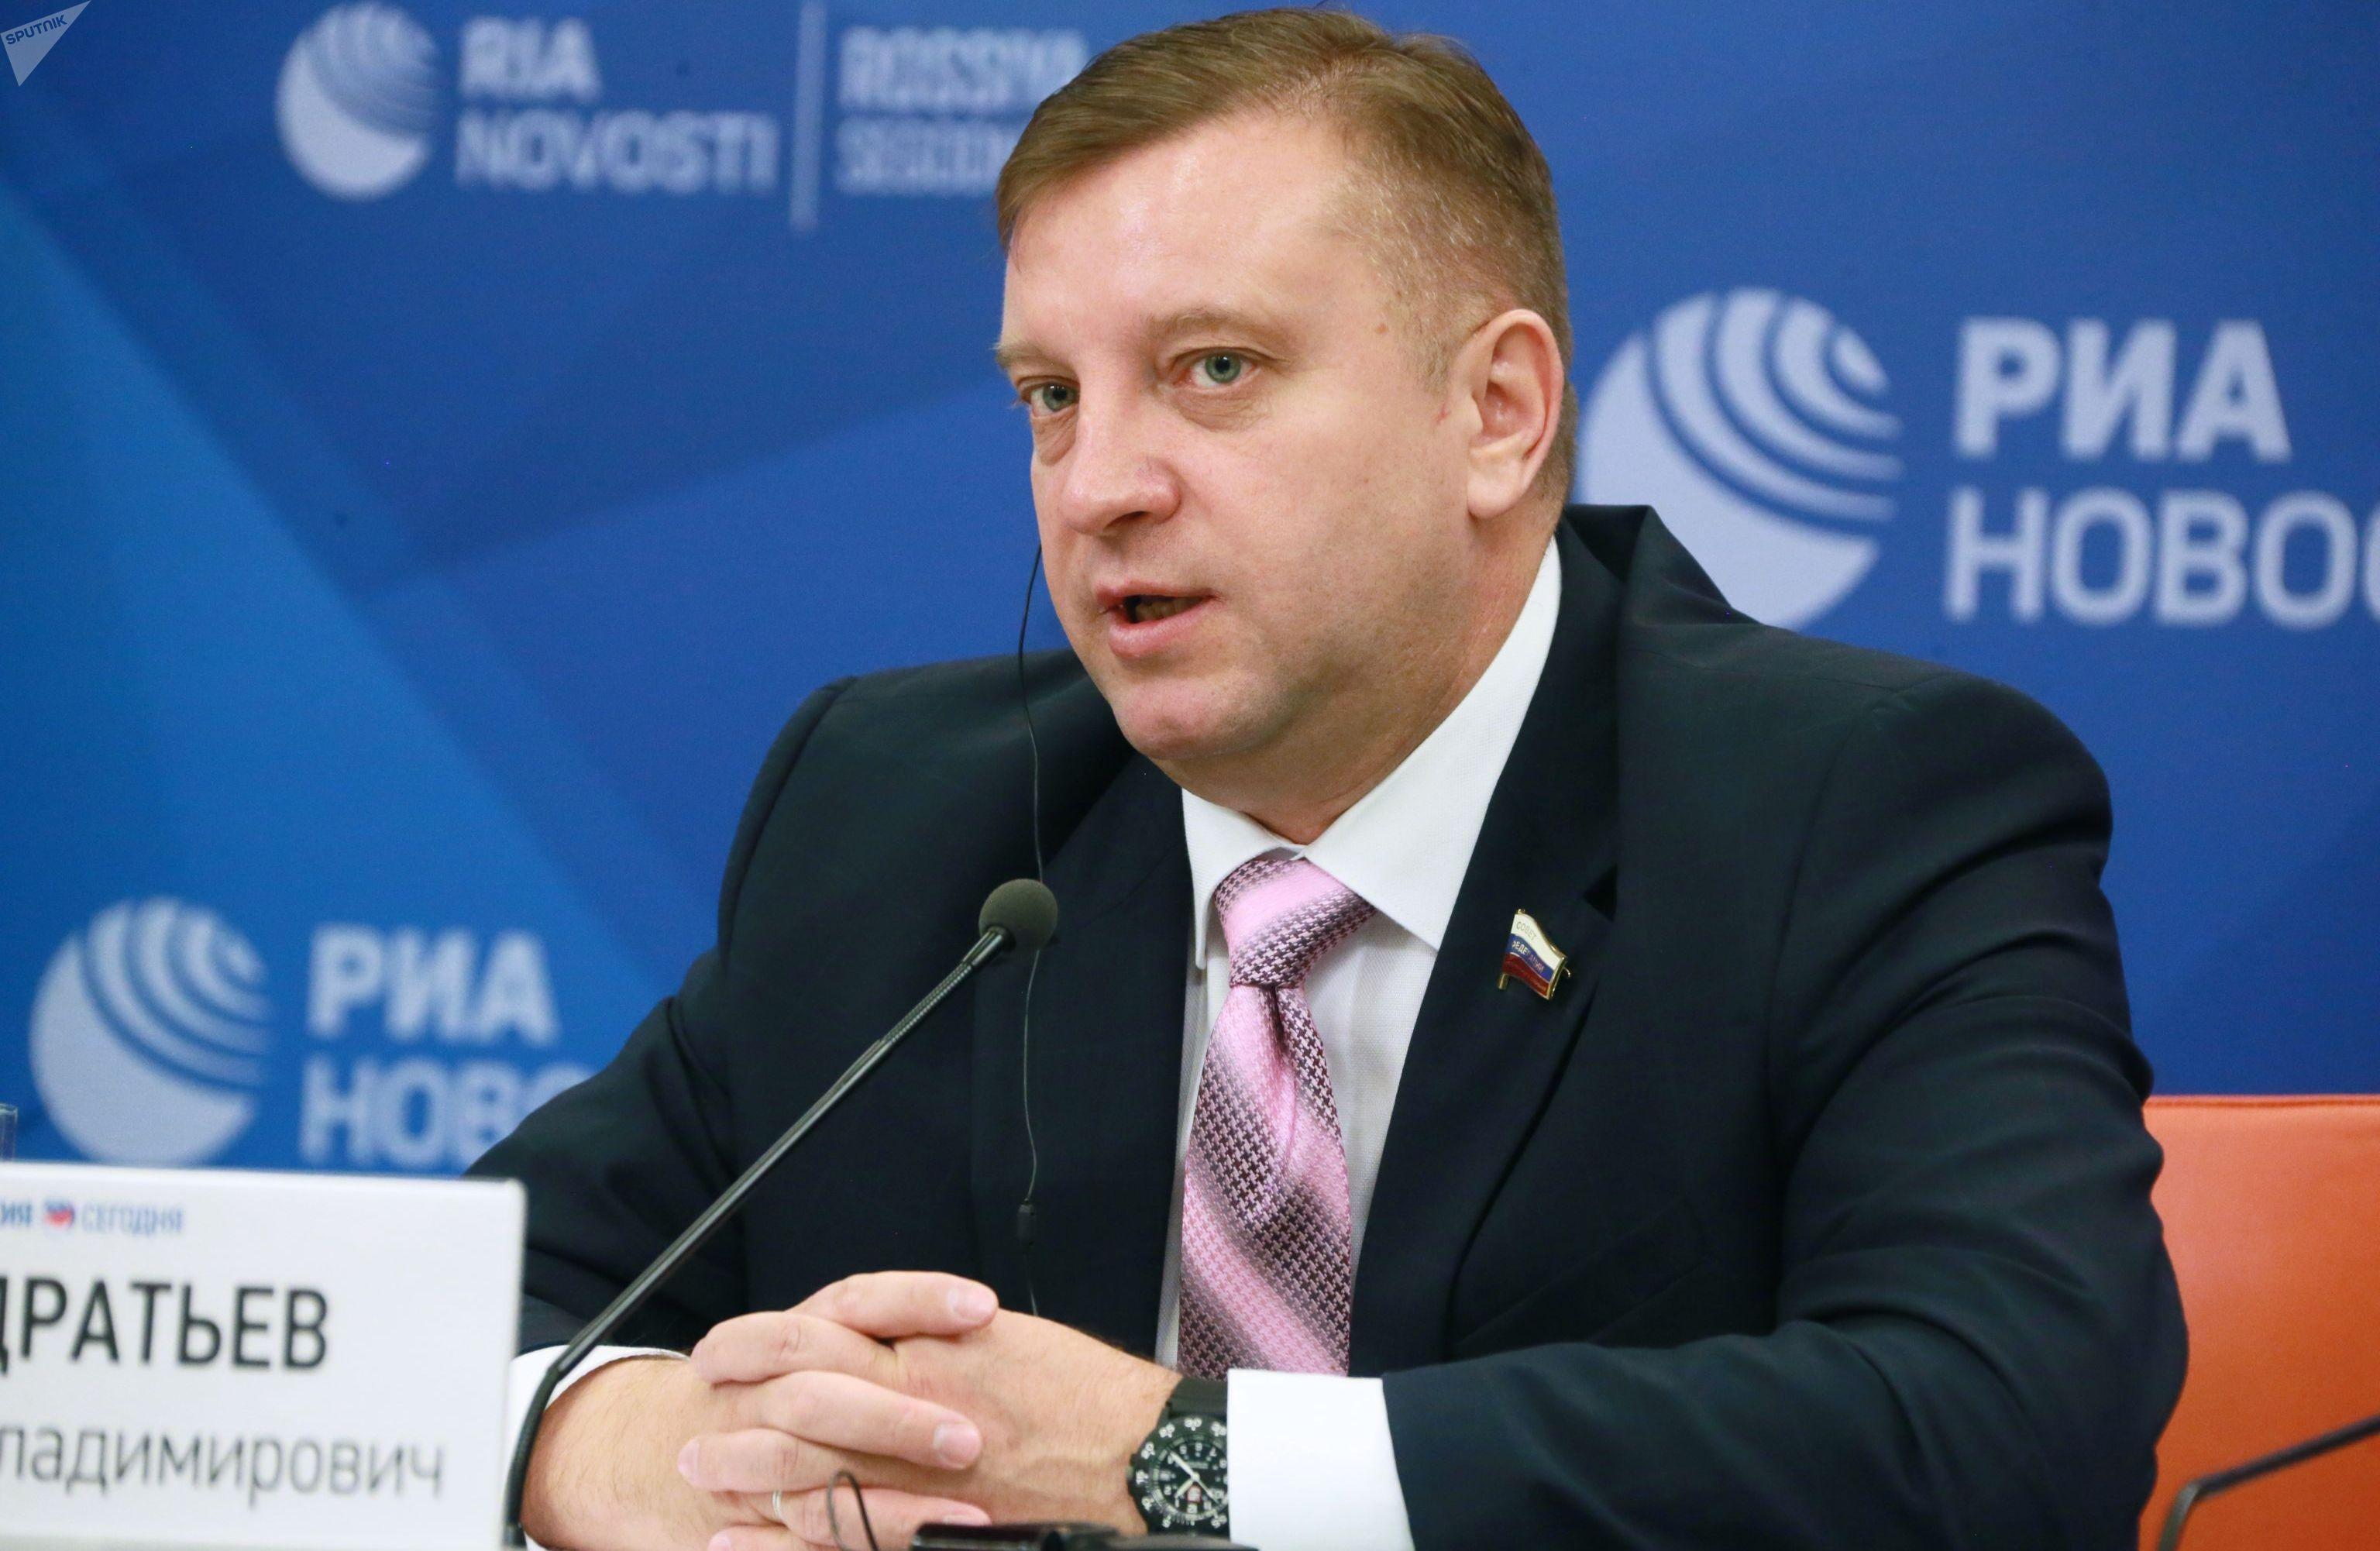 Член Совета Федерации Федерального Собрания России Алексей Кондратьев